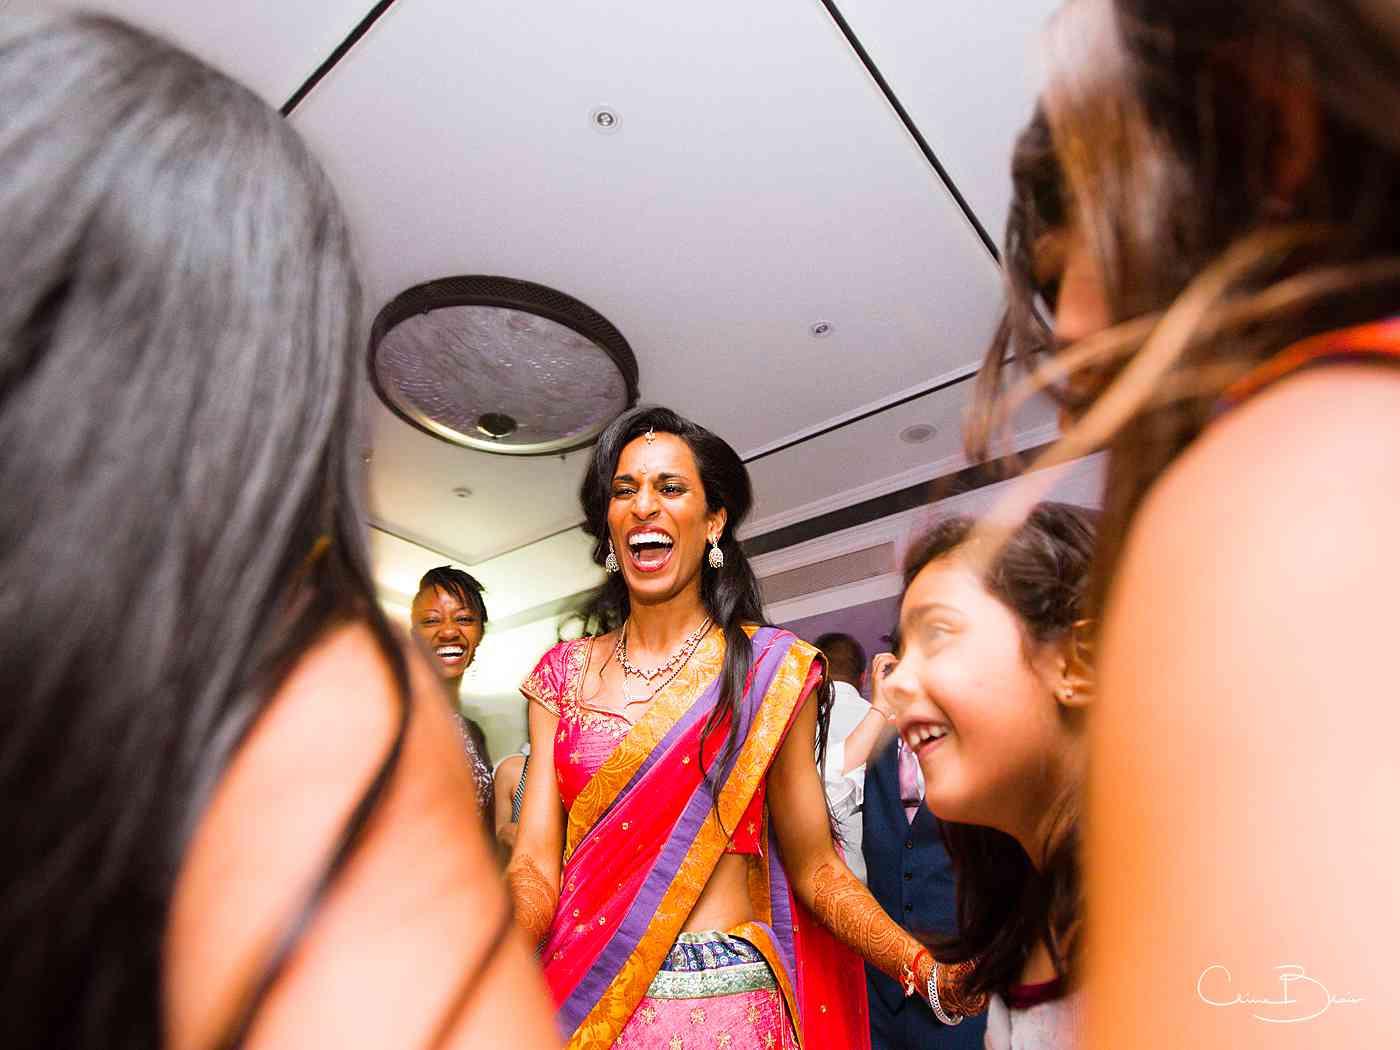 Happy bride on the dance floor